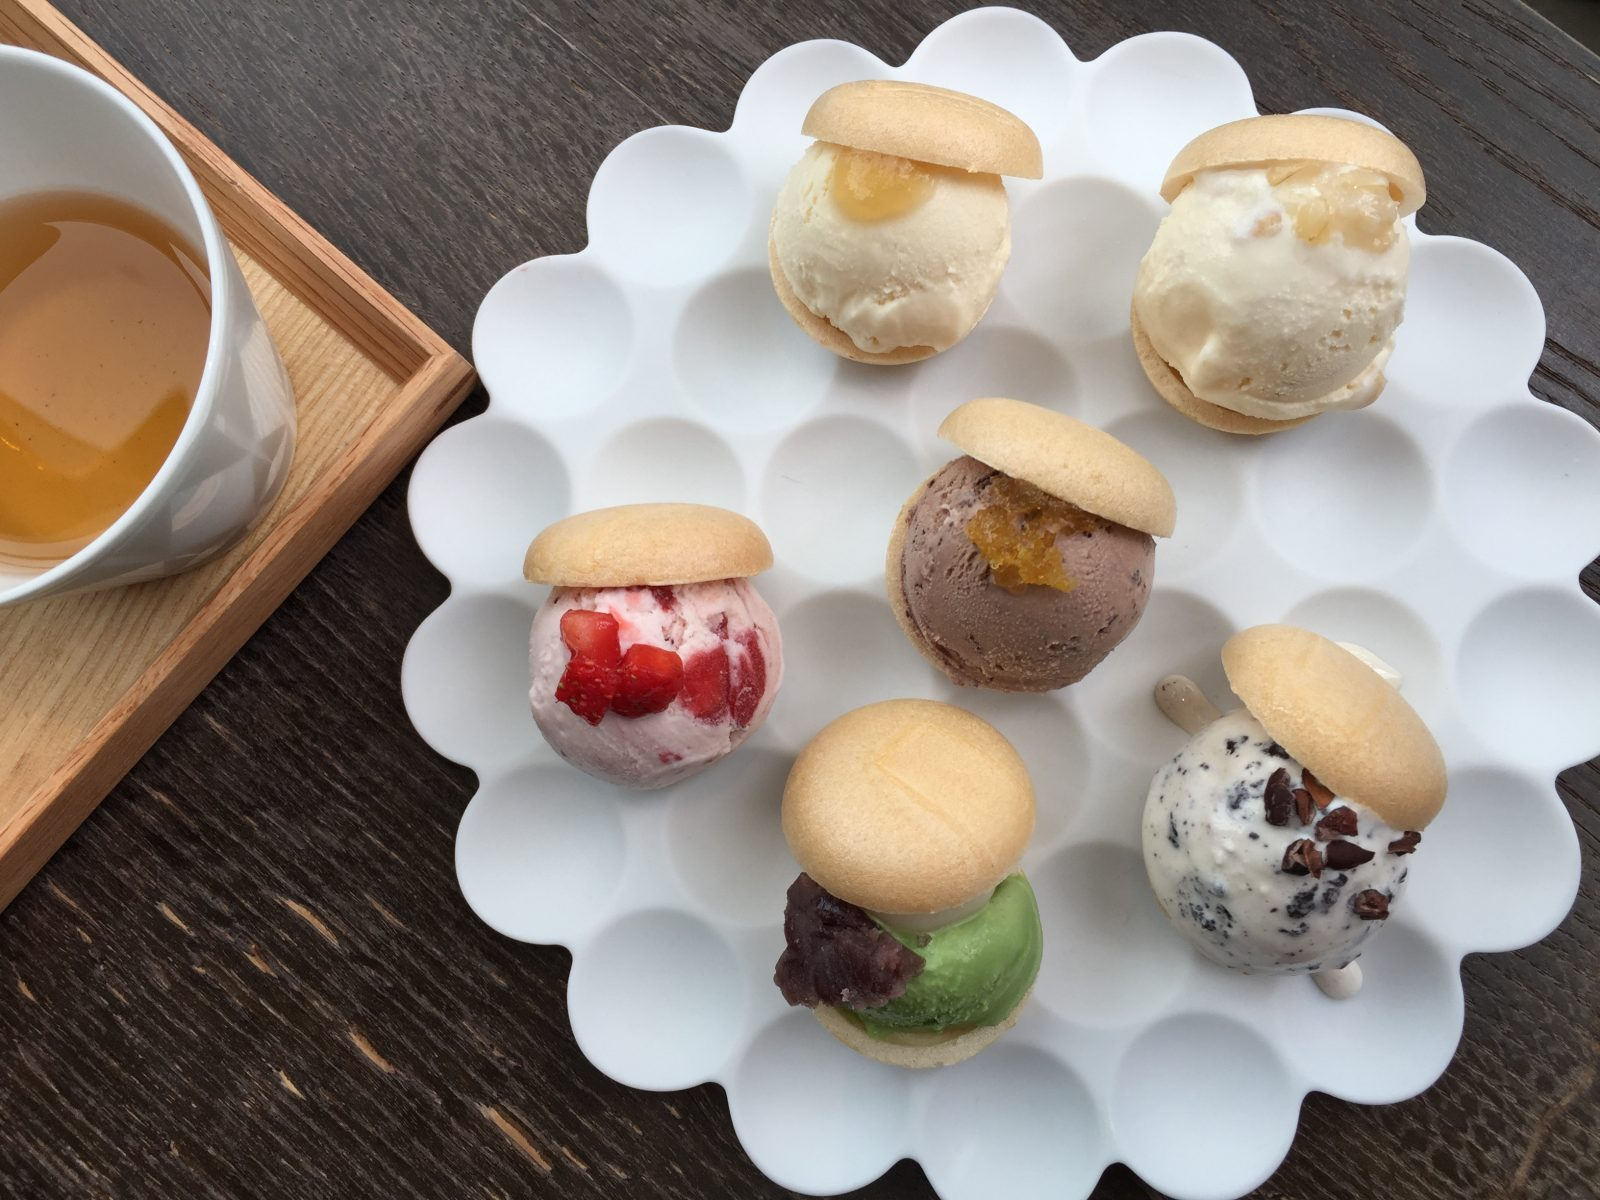 銀座東急プラザのハーゲンダッツ茶房「これ食べといたほうが」ランキング